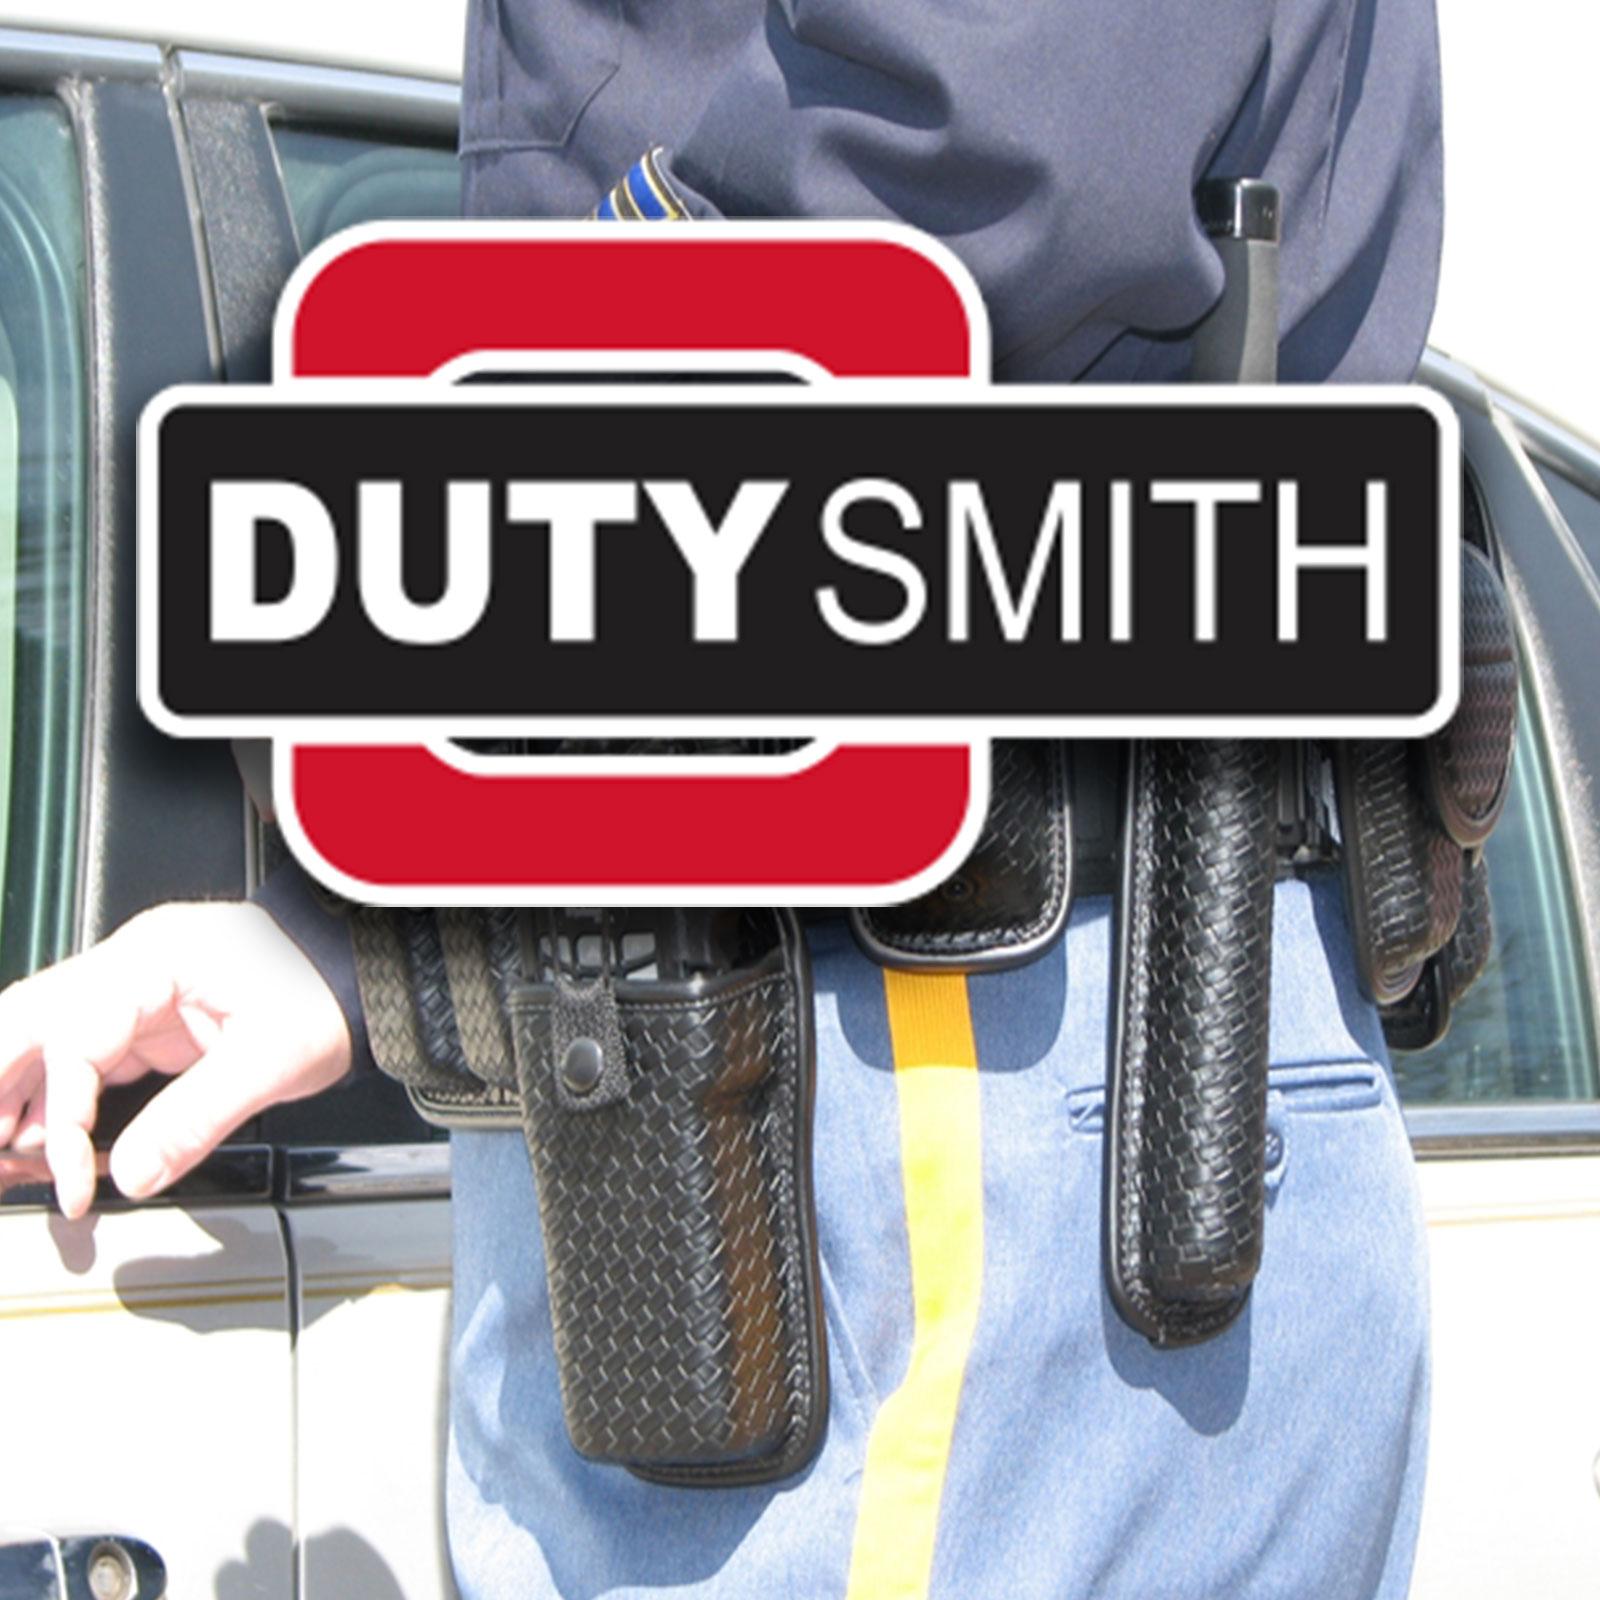 Duty Smith